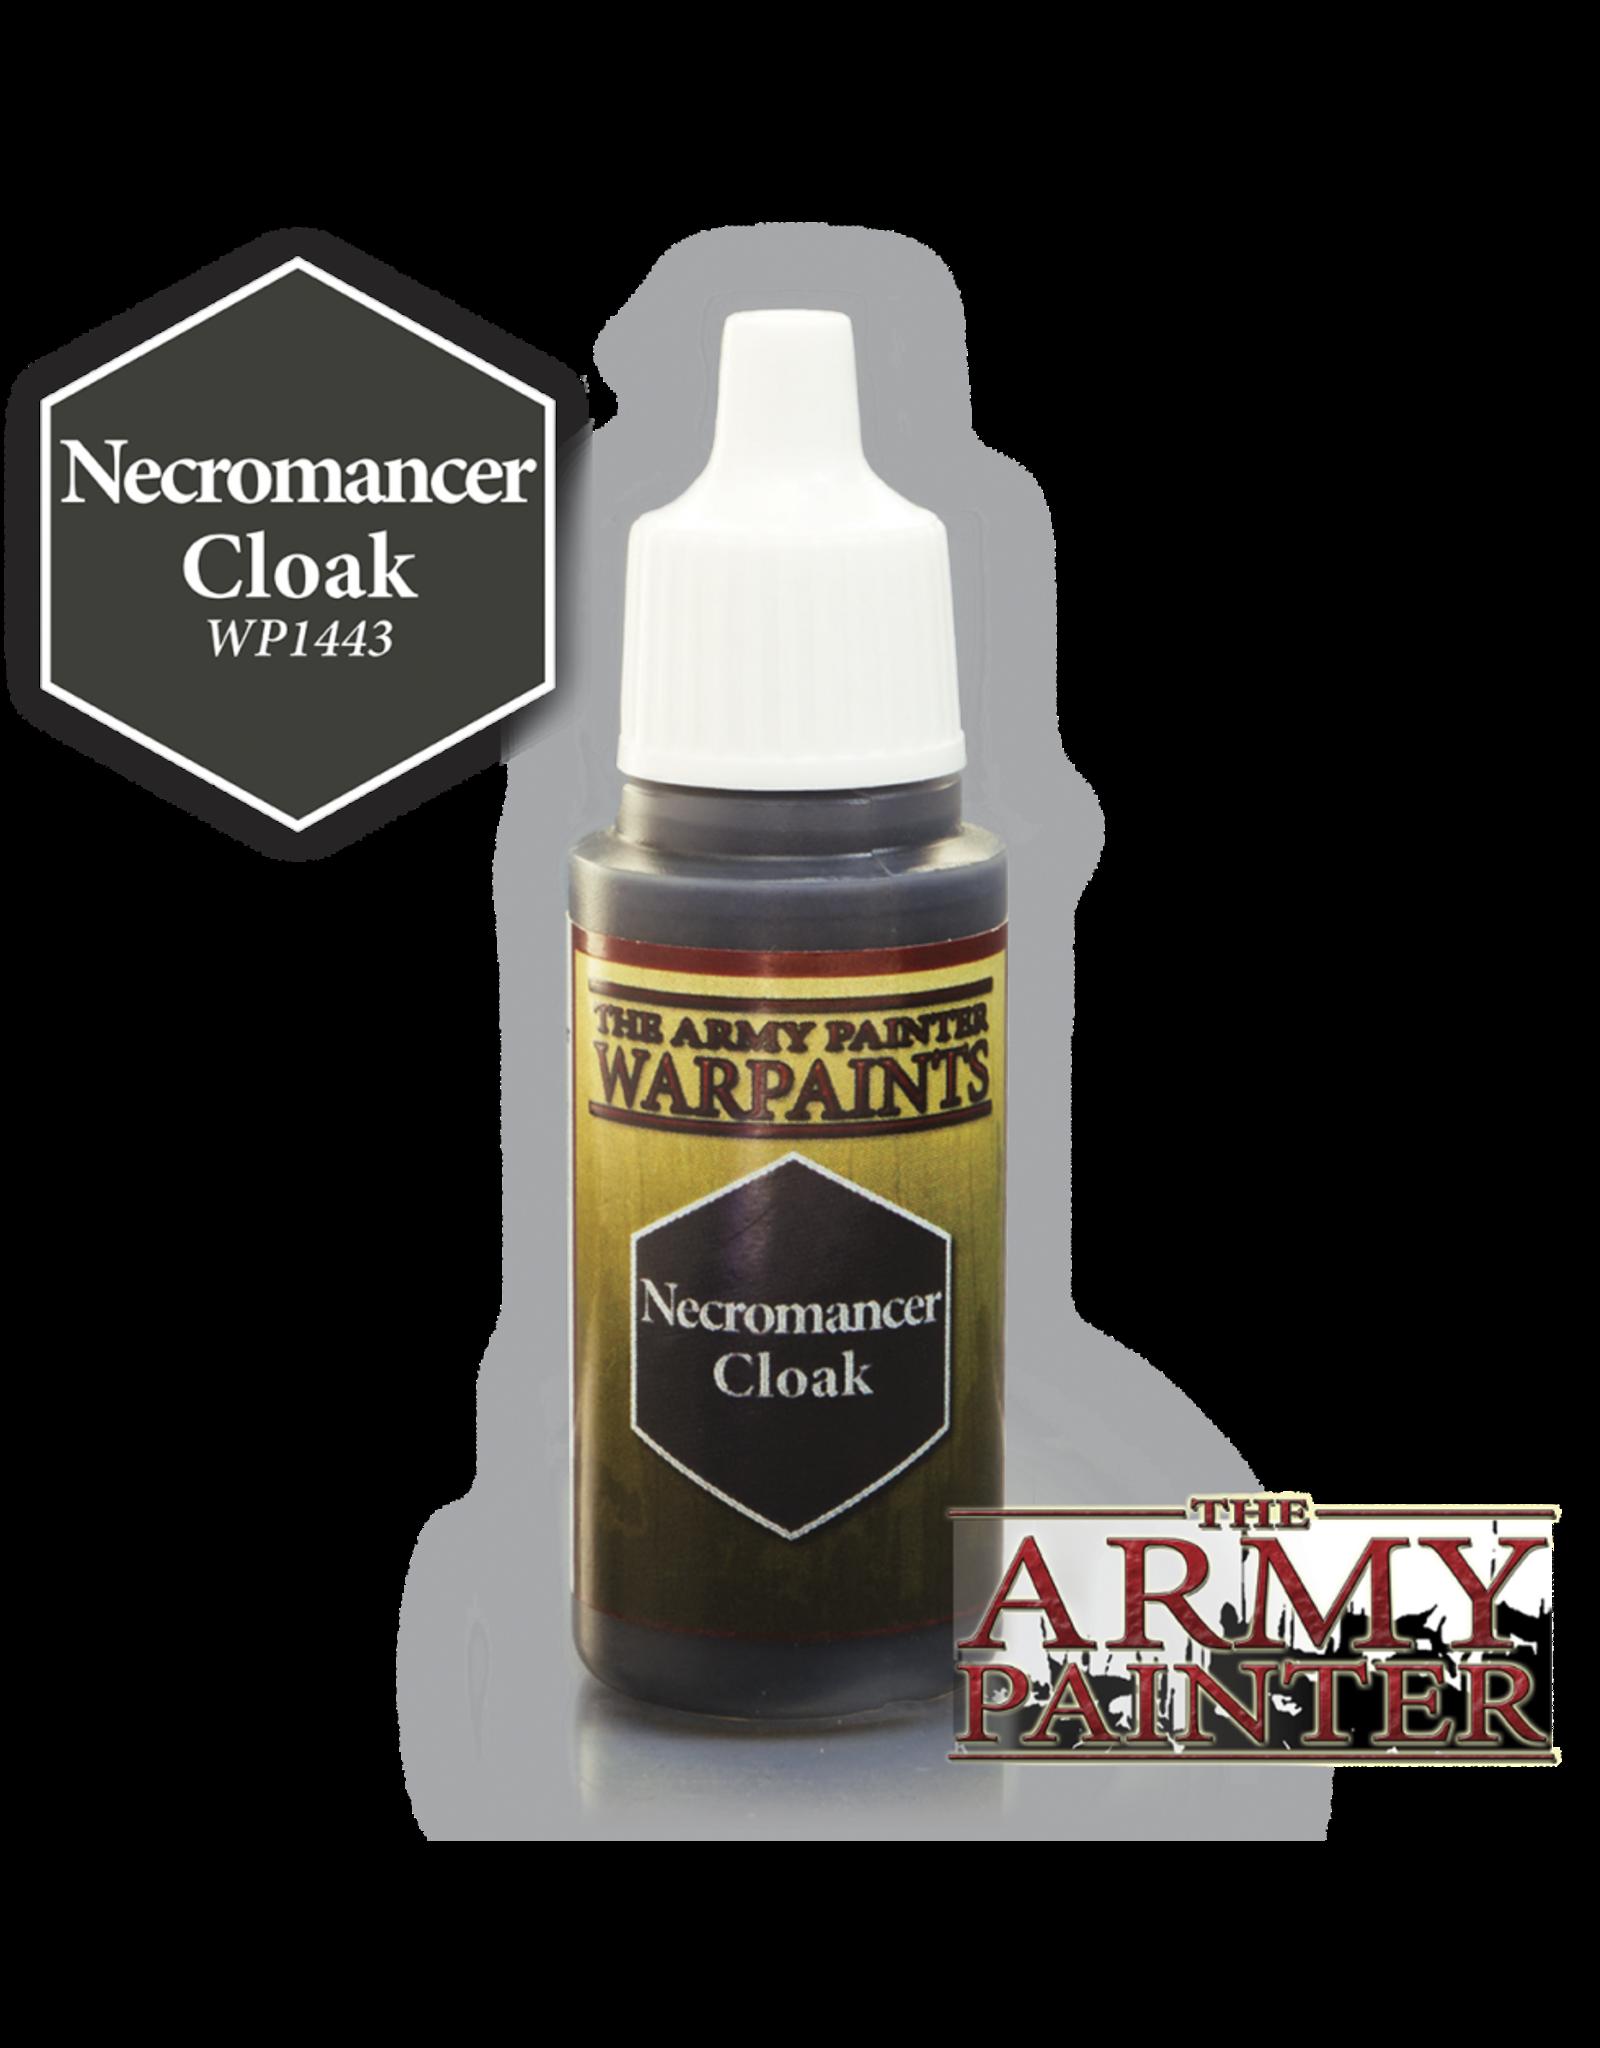 THE ARMY PAINTER ARMY PAINTER WARPAINTS NECROMANCER CLOAK